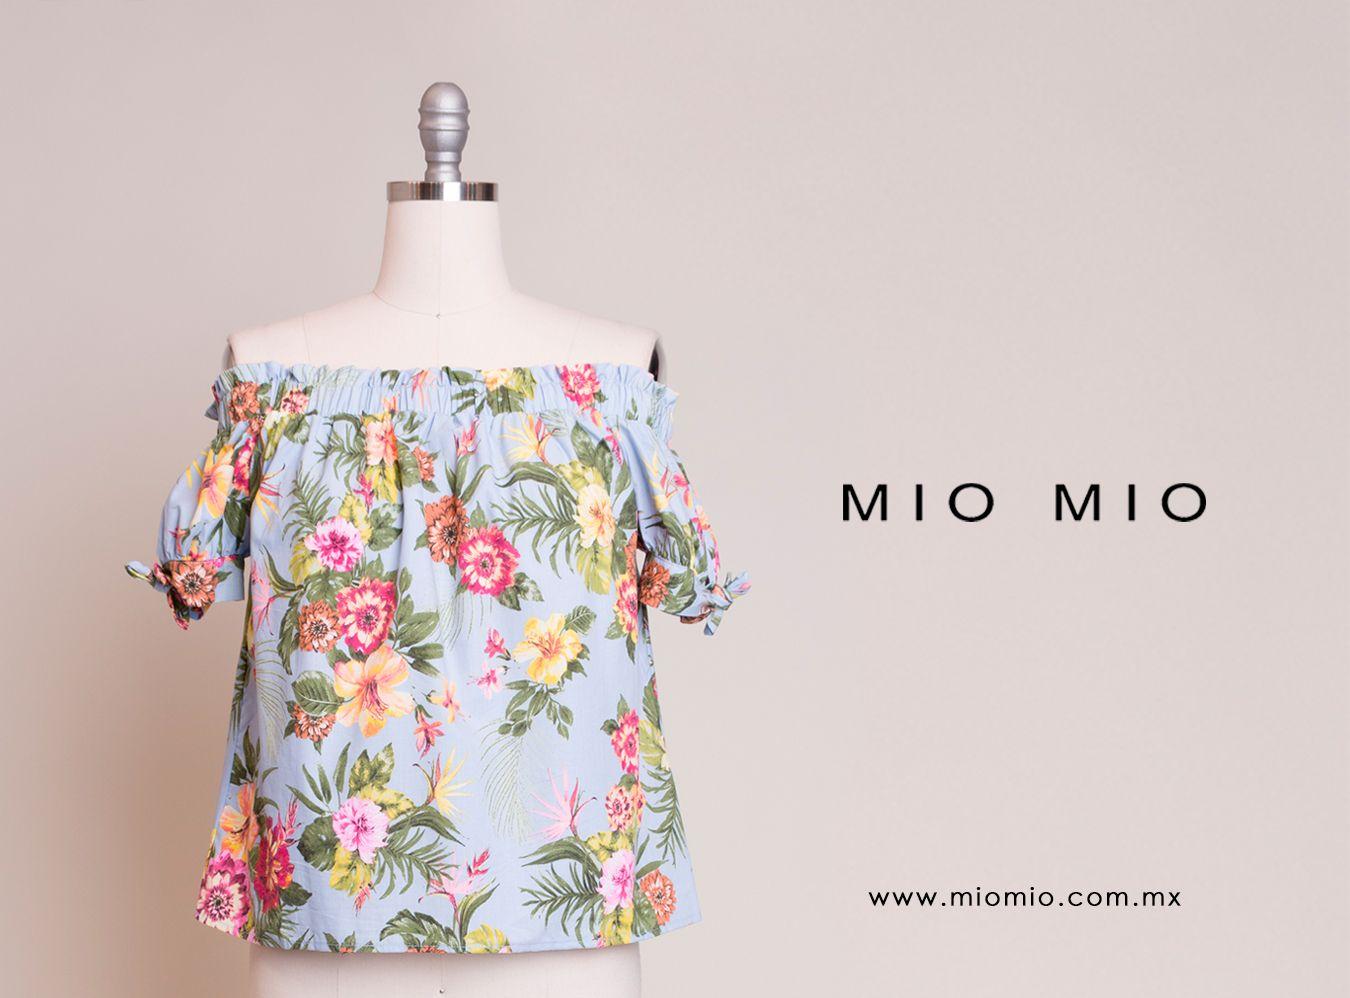 Mio Mio Mate Banane | 0,5 l | The Berentzen Onlineshop